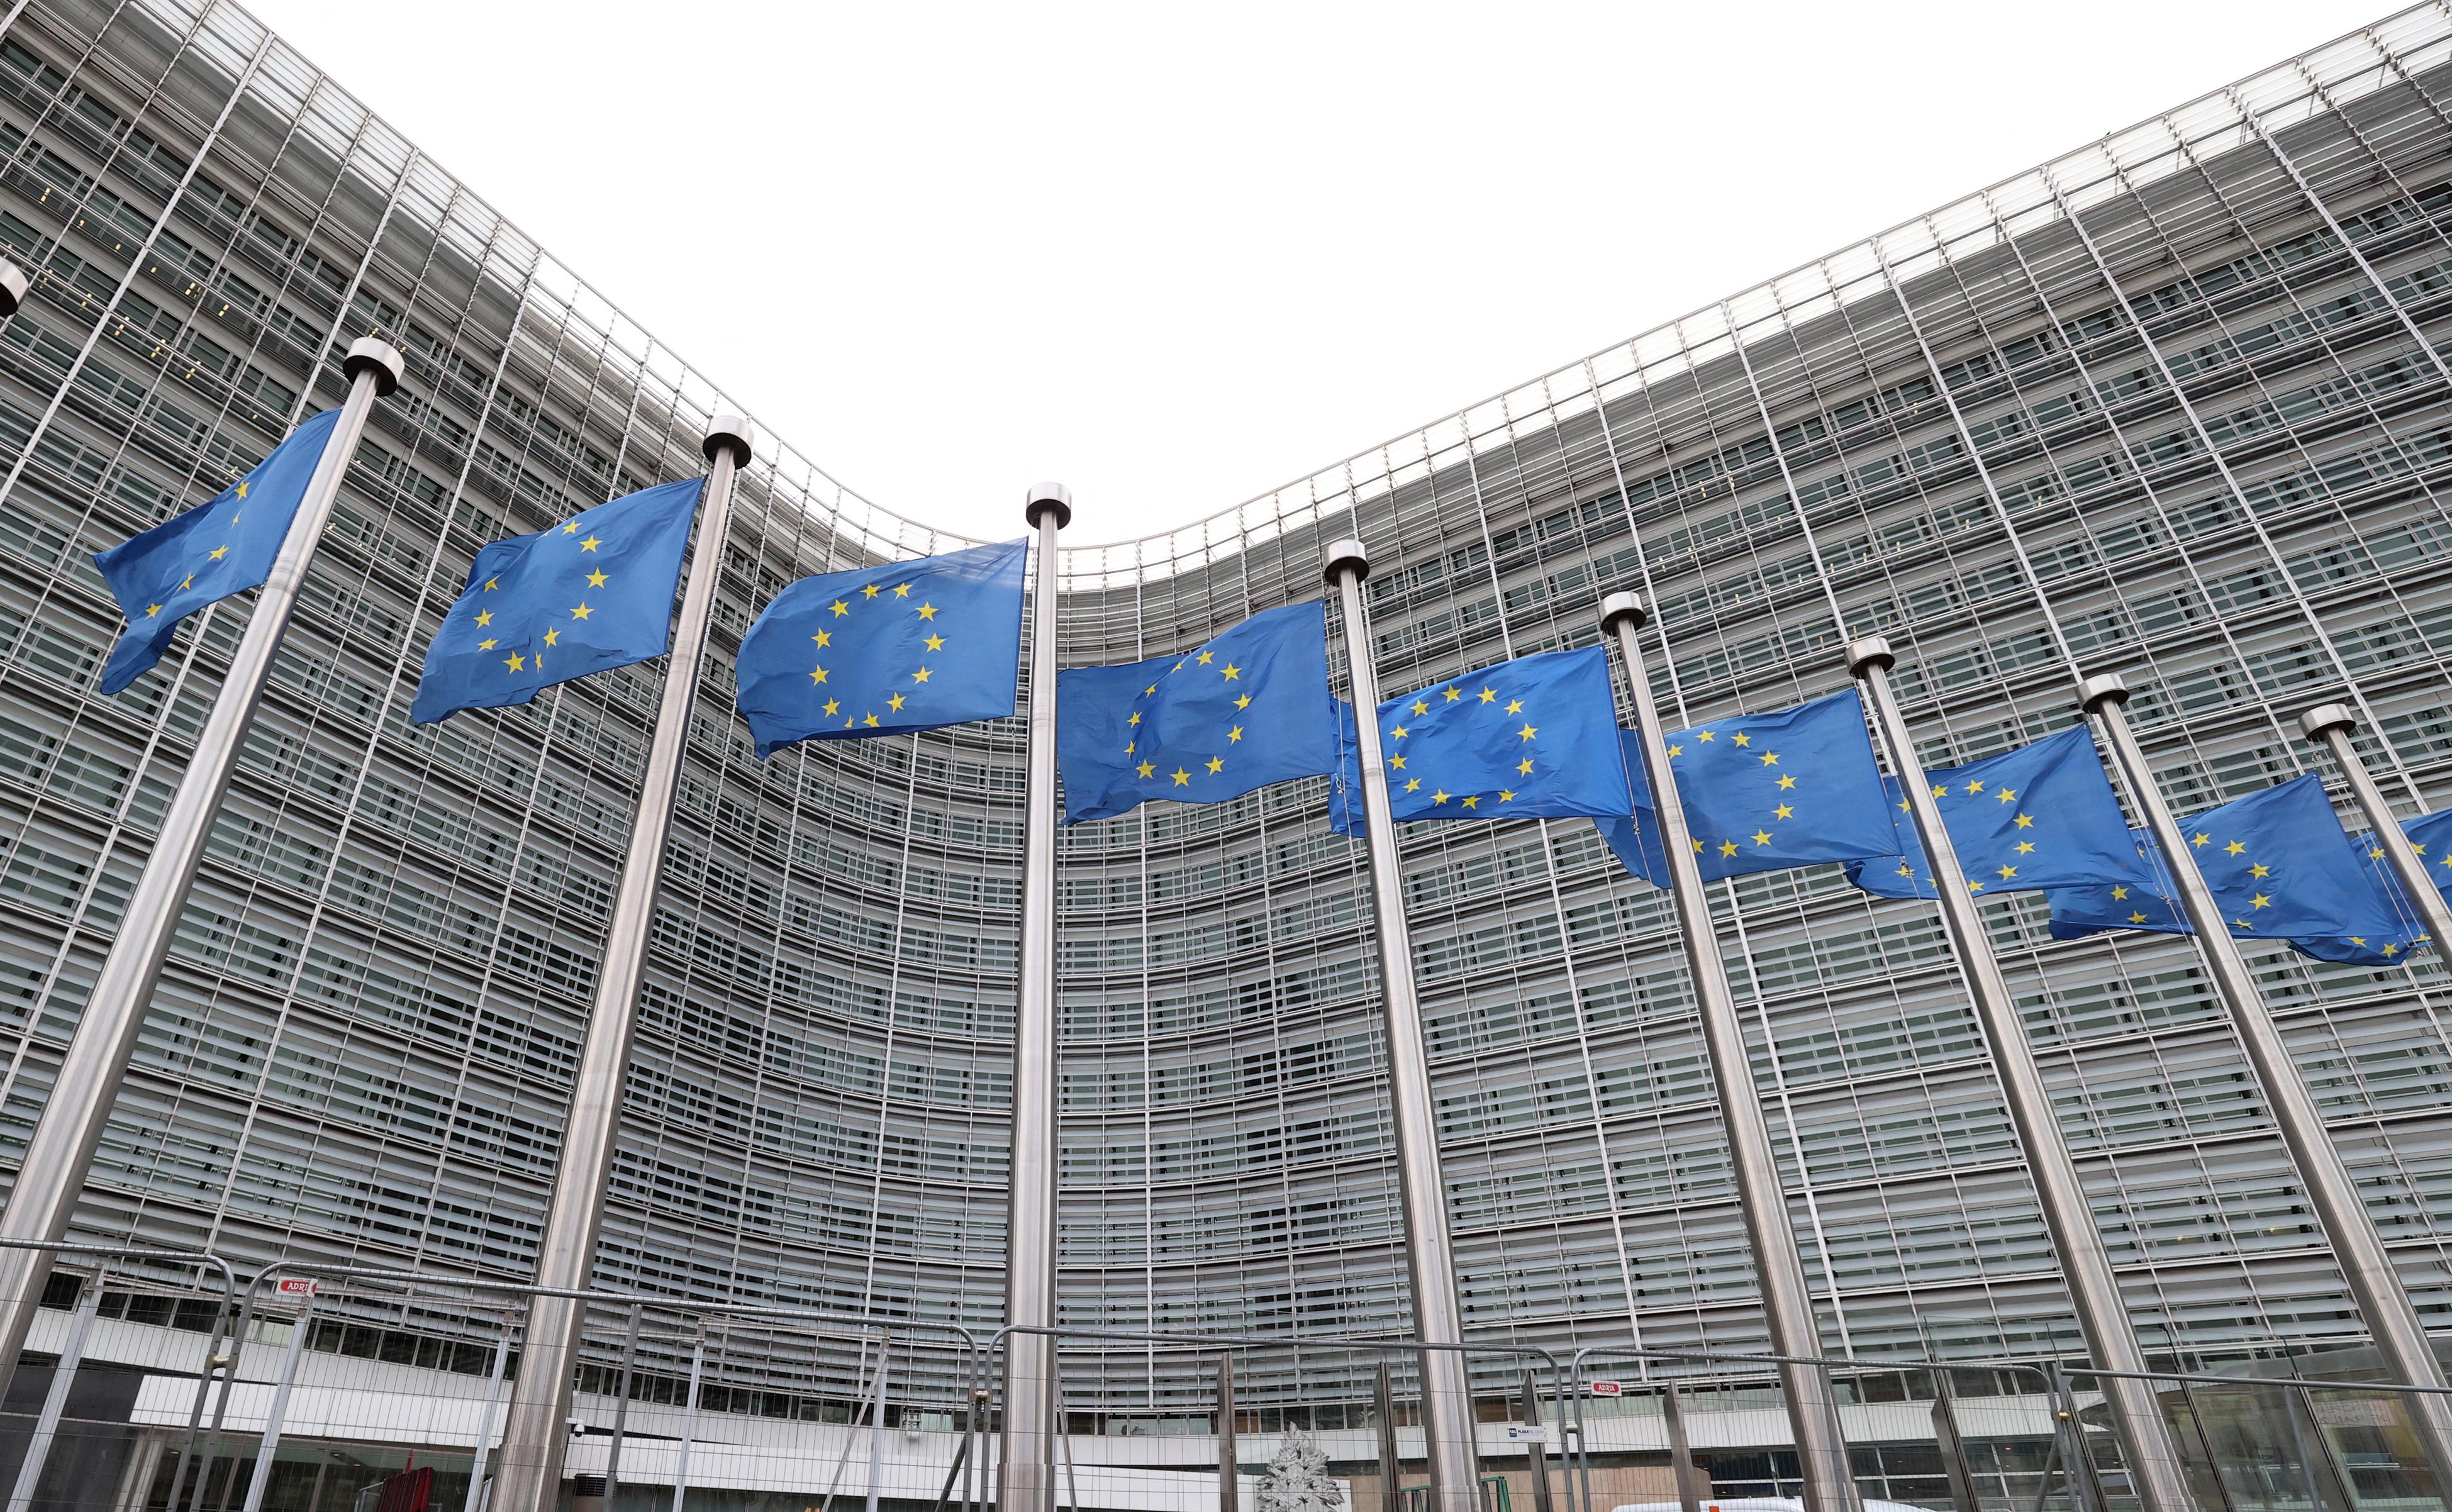 Európai Bizottság: a tagállamok egyénileg kötik meg a gyártócégekkel a konkrét megrendelési szerződéseket